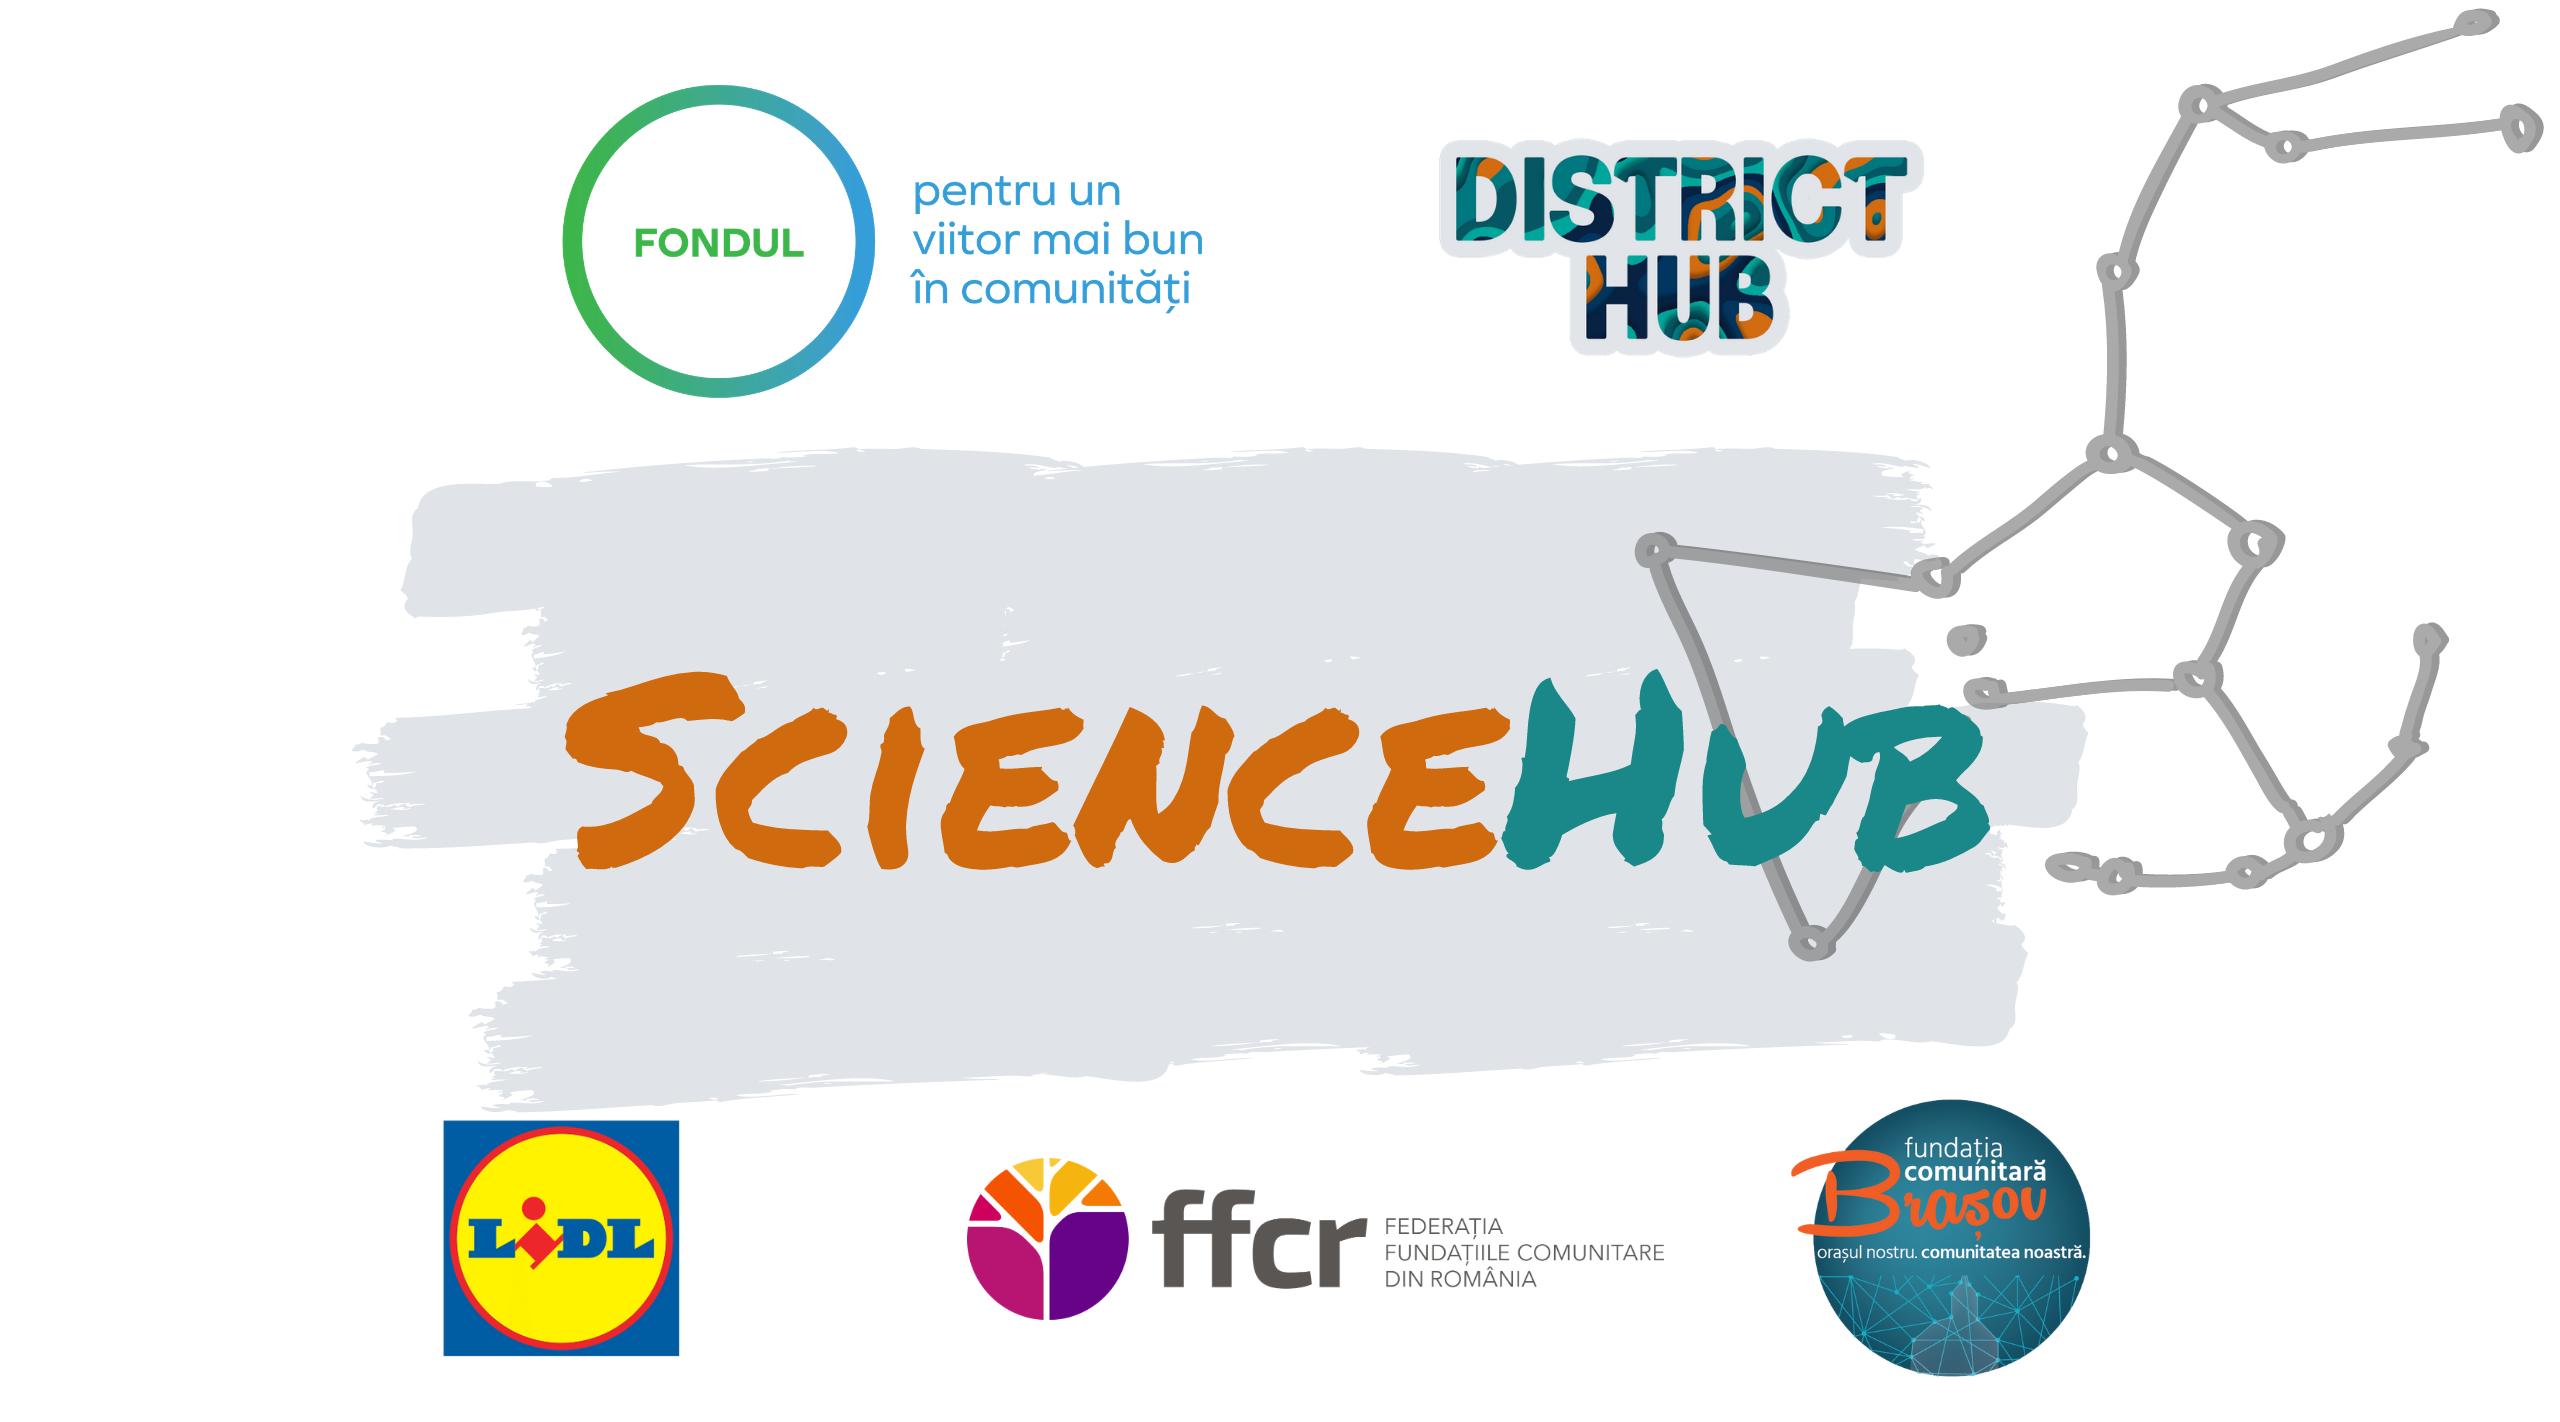 Lansăm Science Hub, un proiect pilot al Asociației District Hub, pentru realizarea de resurse educaționale digitale